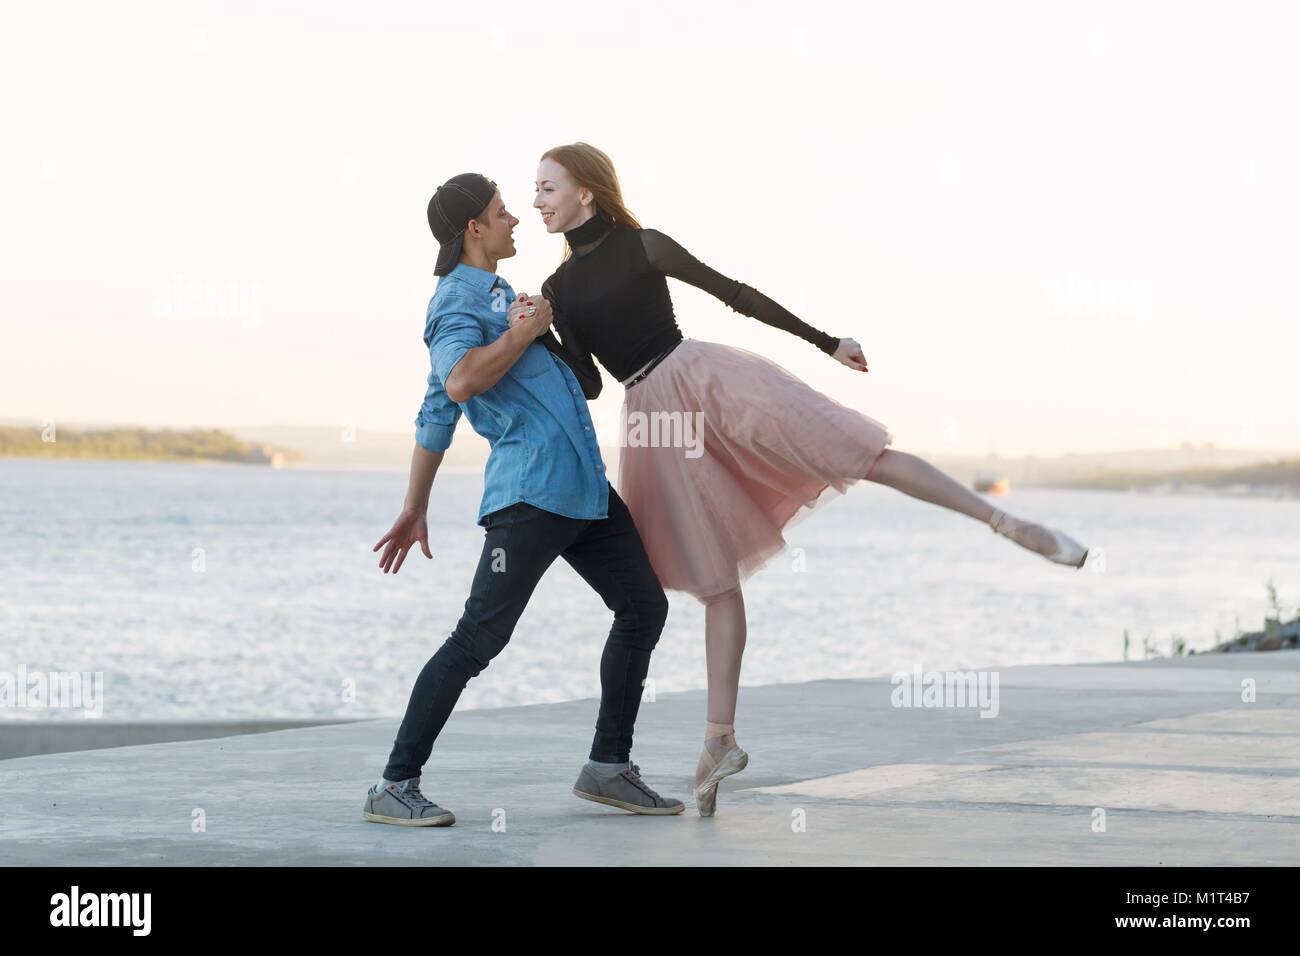 Une ballerine danse avec une danseuse moderne. Les amateurs de rencontres. Passion et amour de la danse. Il la tient Photo Stock